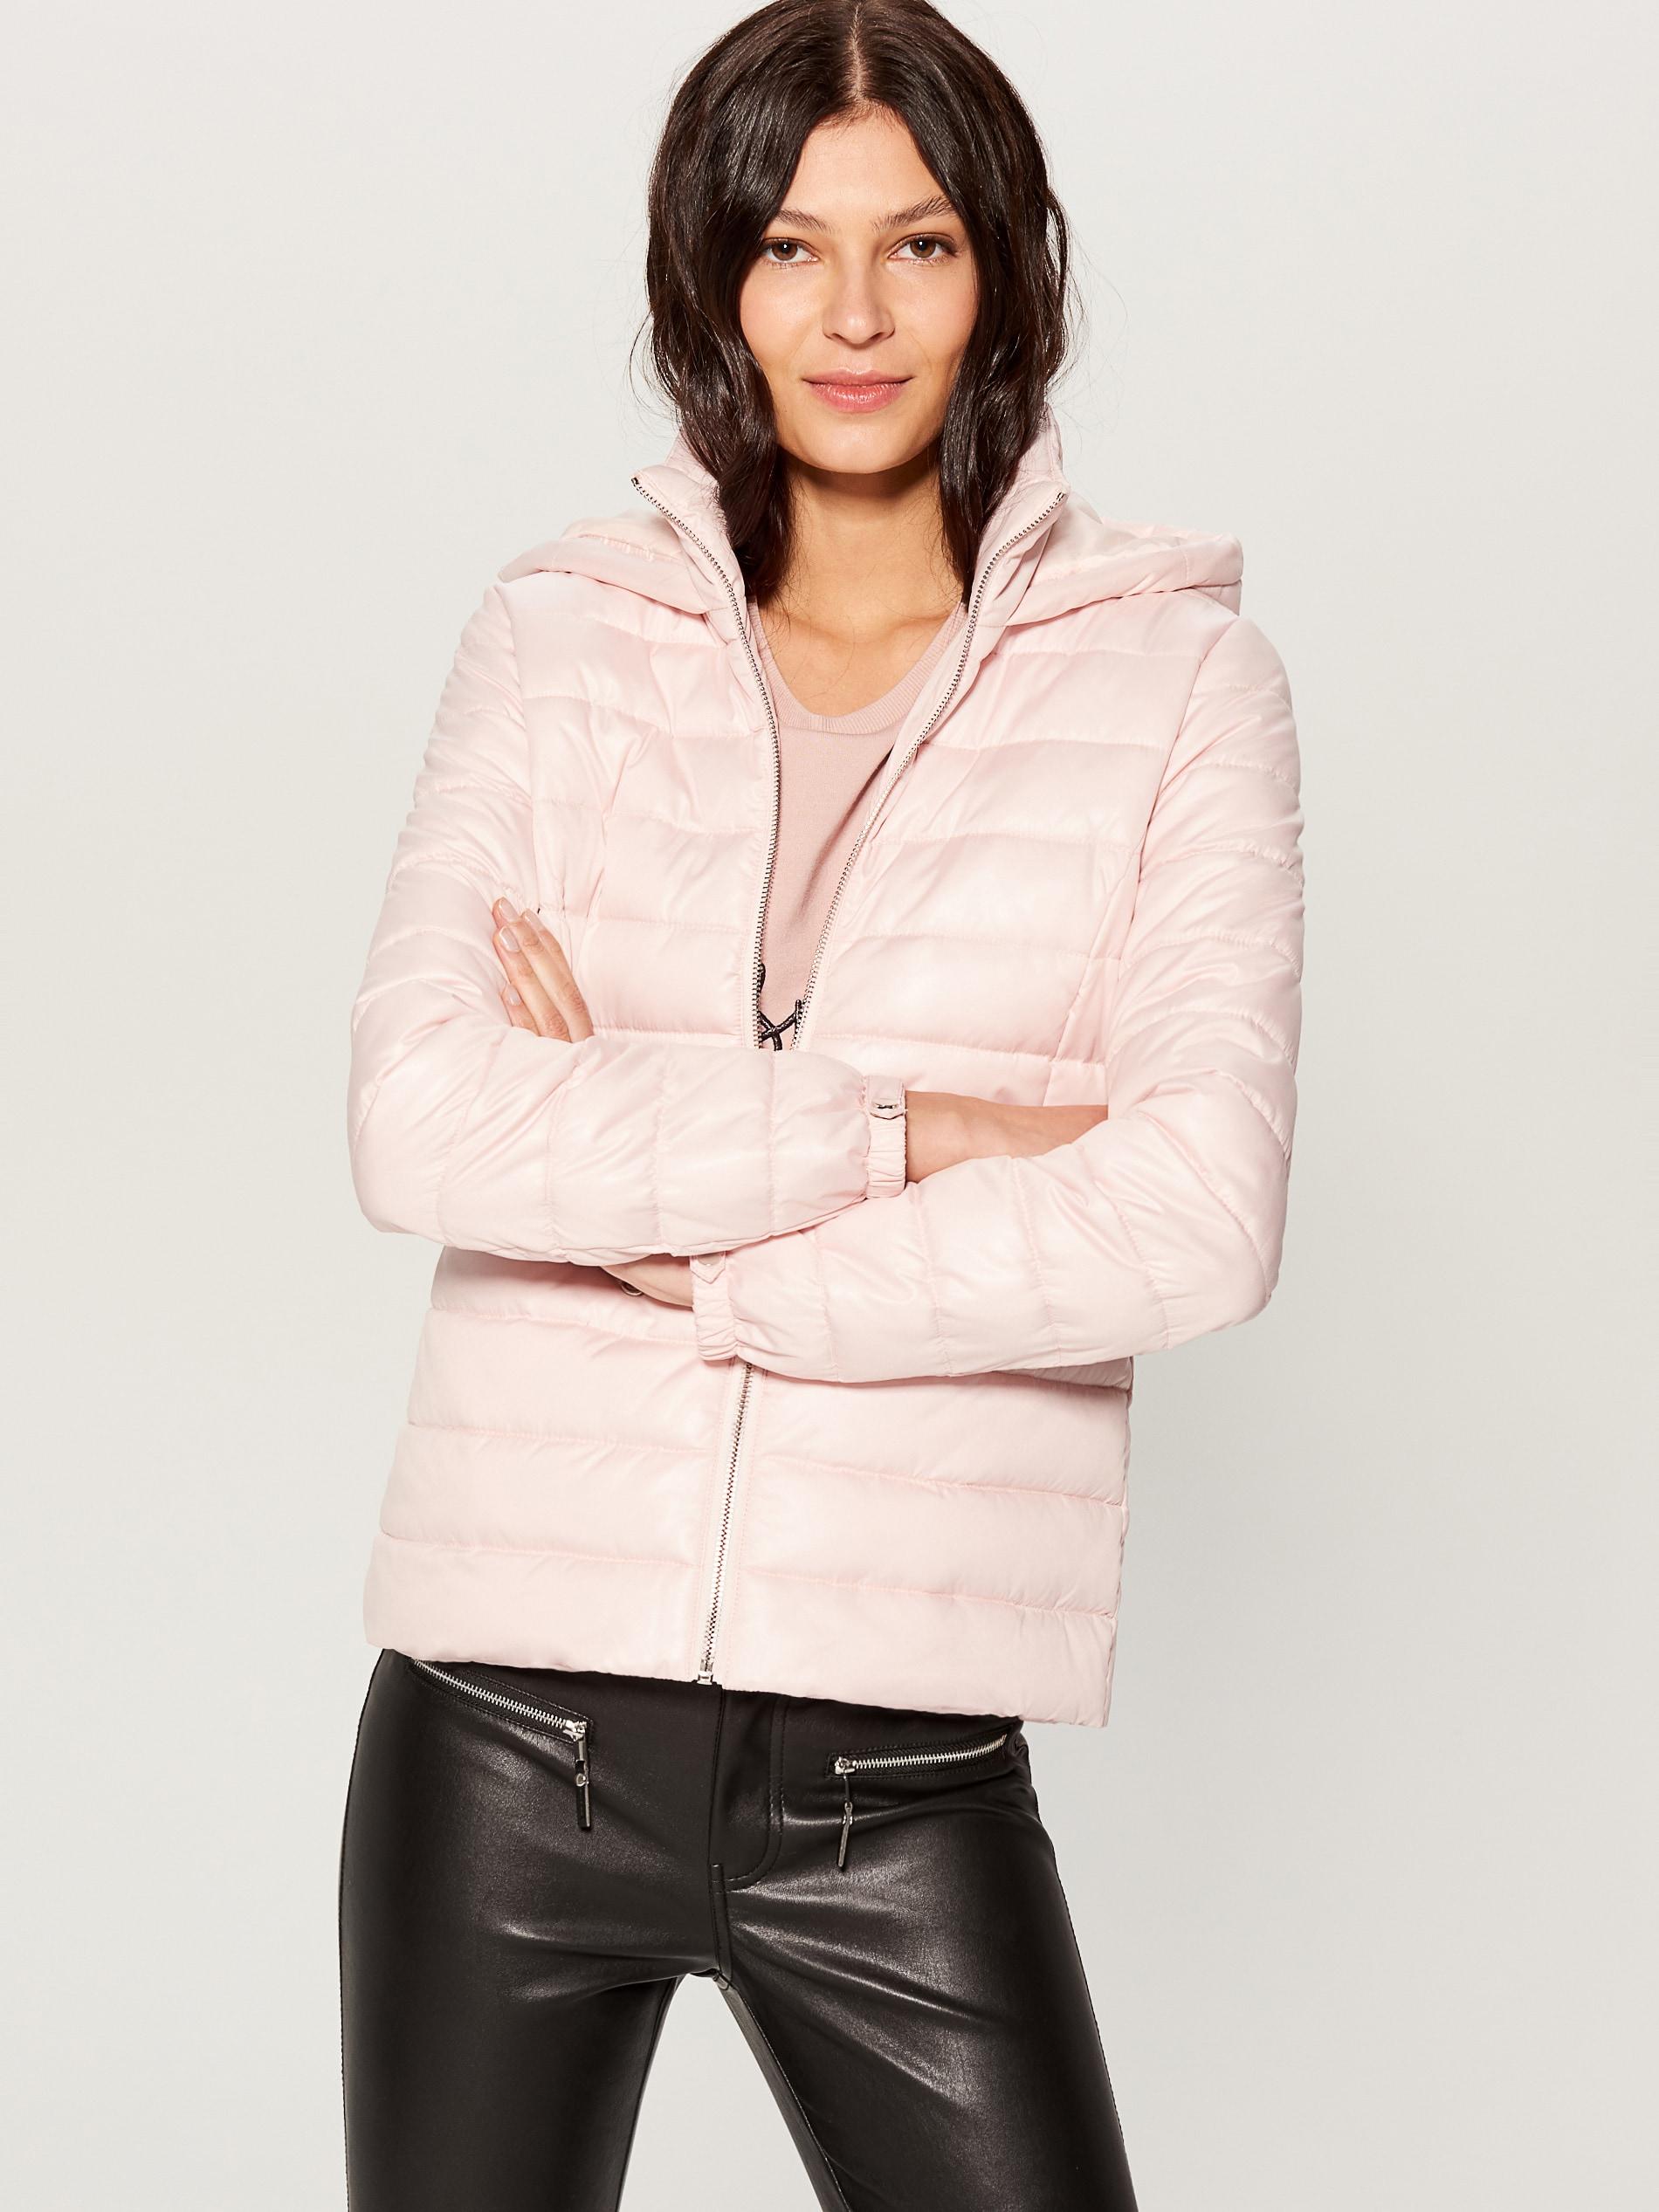 Prešívaná bunda s kapucňou - ružová - UN247-03X - Mohito - 1 be3df6fa8f2